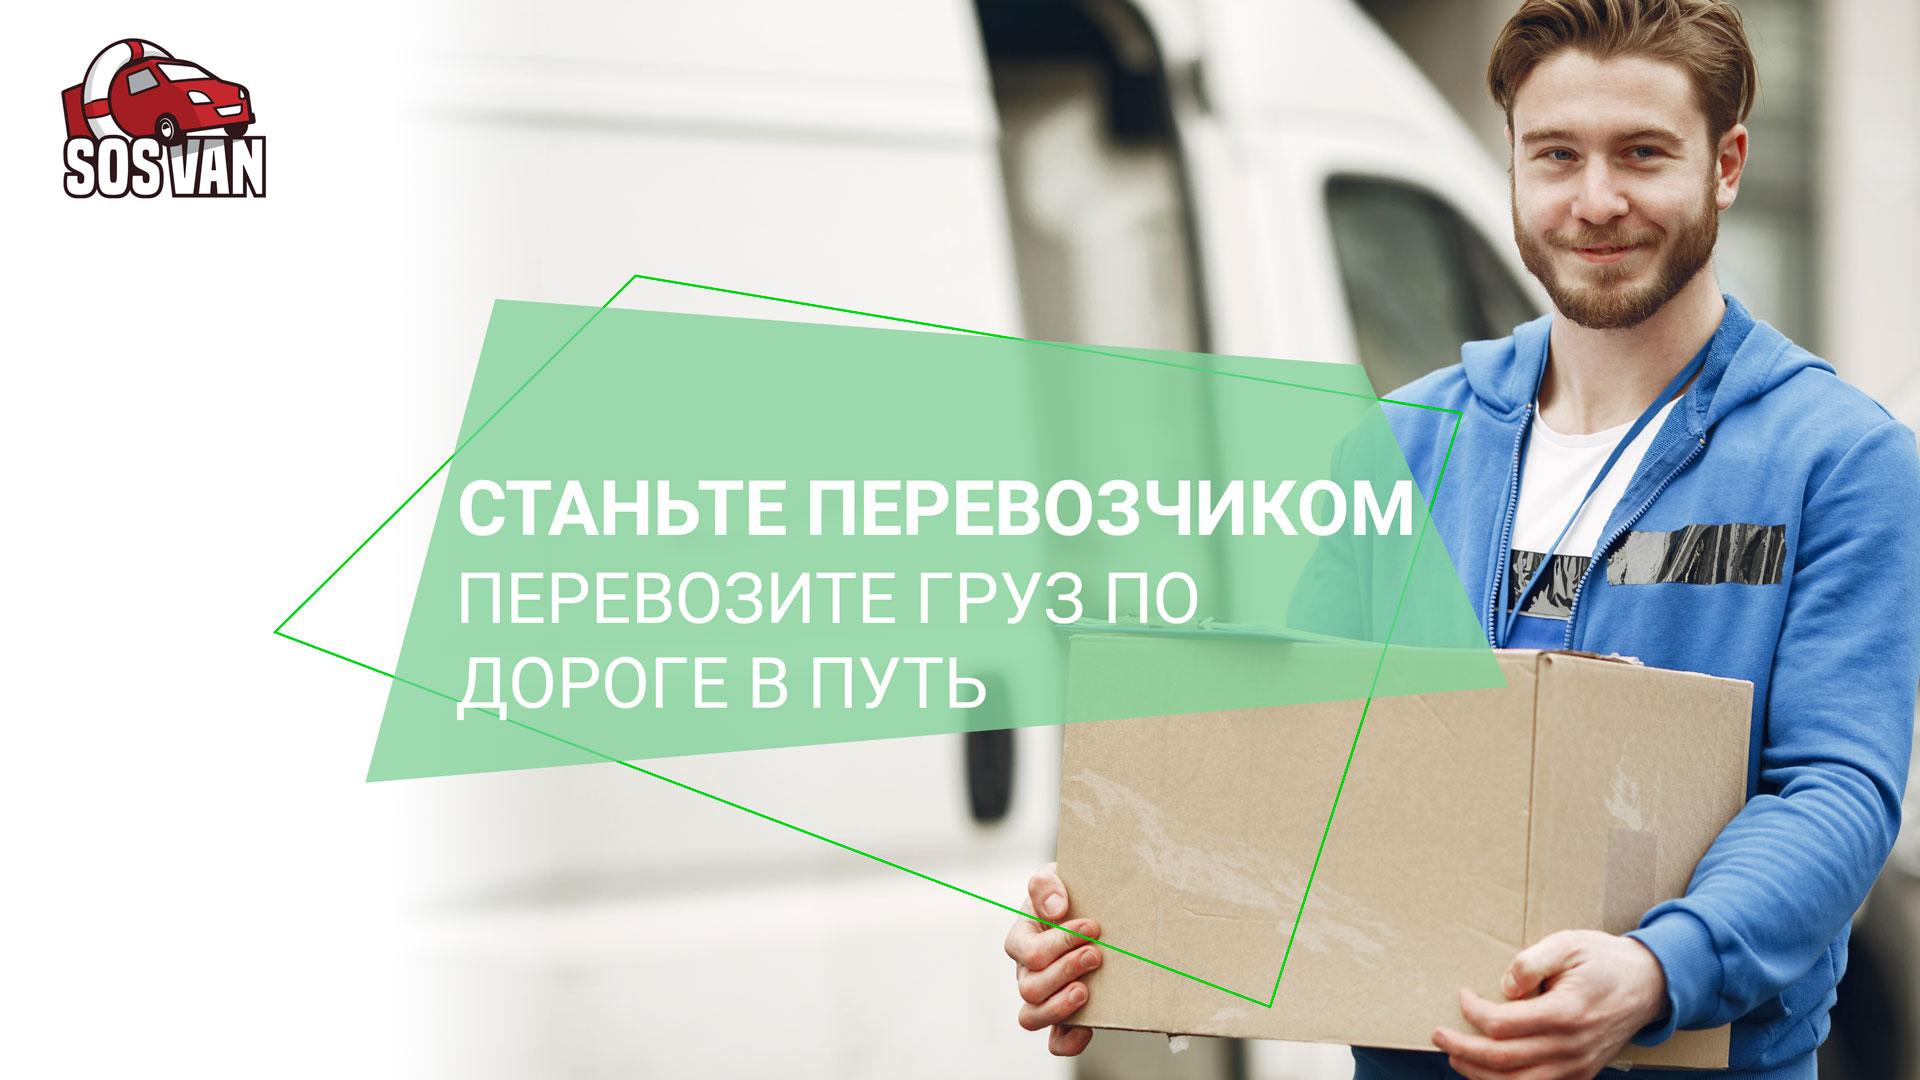 Станьте перевозчиком - перевозите груз по дороге в путь